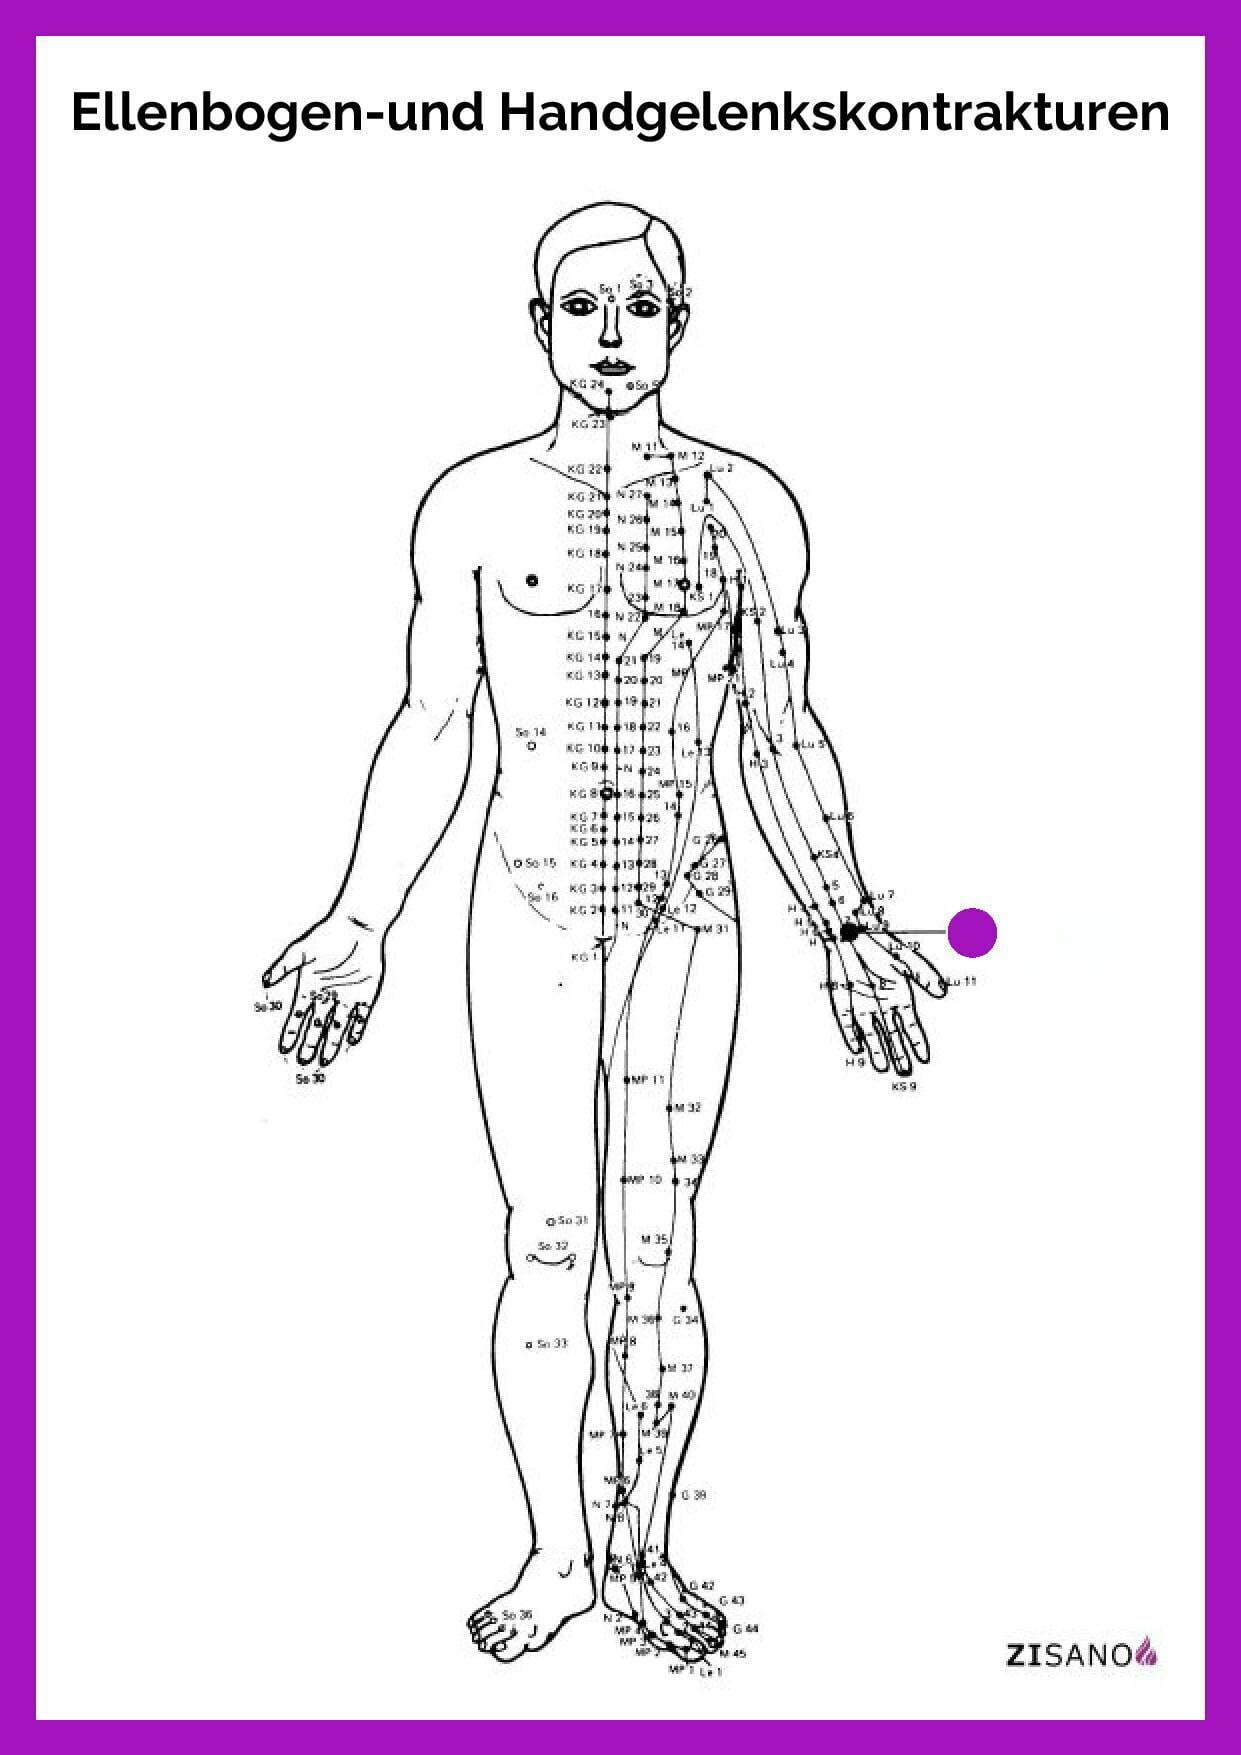 Meridiane - Ellenbogen- und Handgelenkskontrakturen - Schmerzlinderung